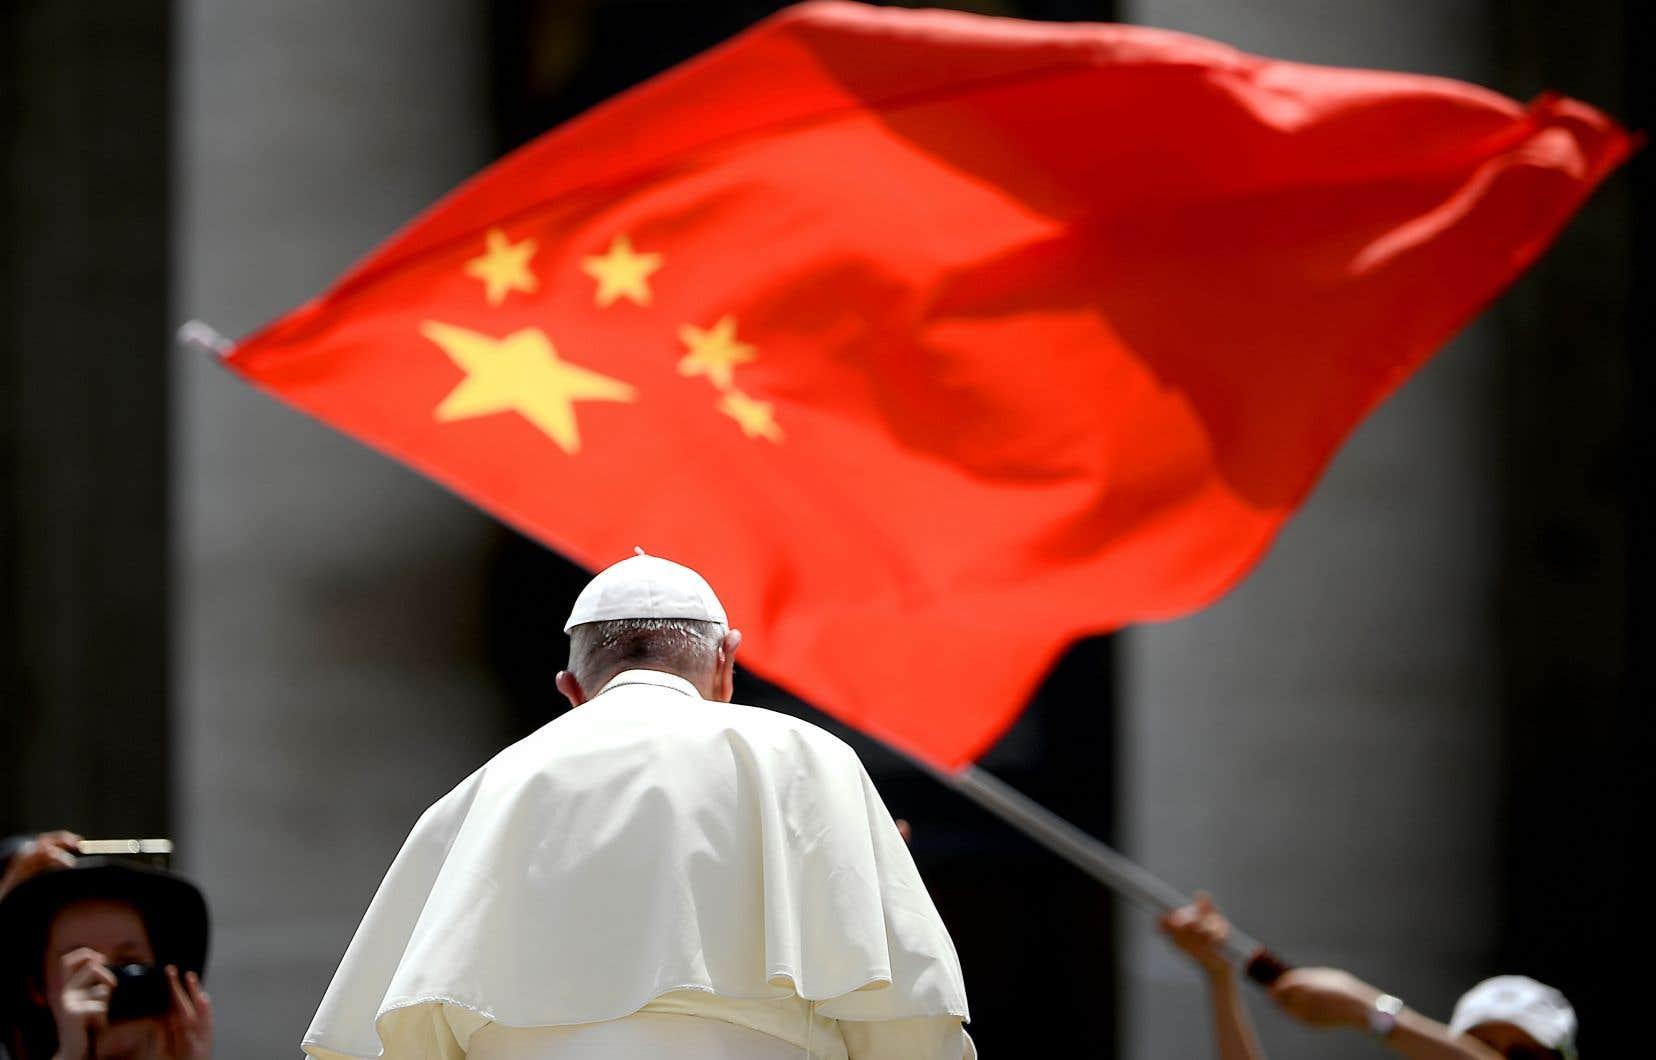 Le pape François ne cache pas son désir de renforcer la relation avec Pékin. Mais le rétablissement des liens officiels entre le Vatican et la Chine reste compliqué à concrétiser.